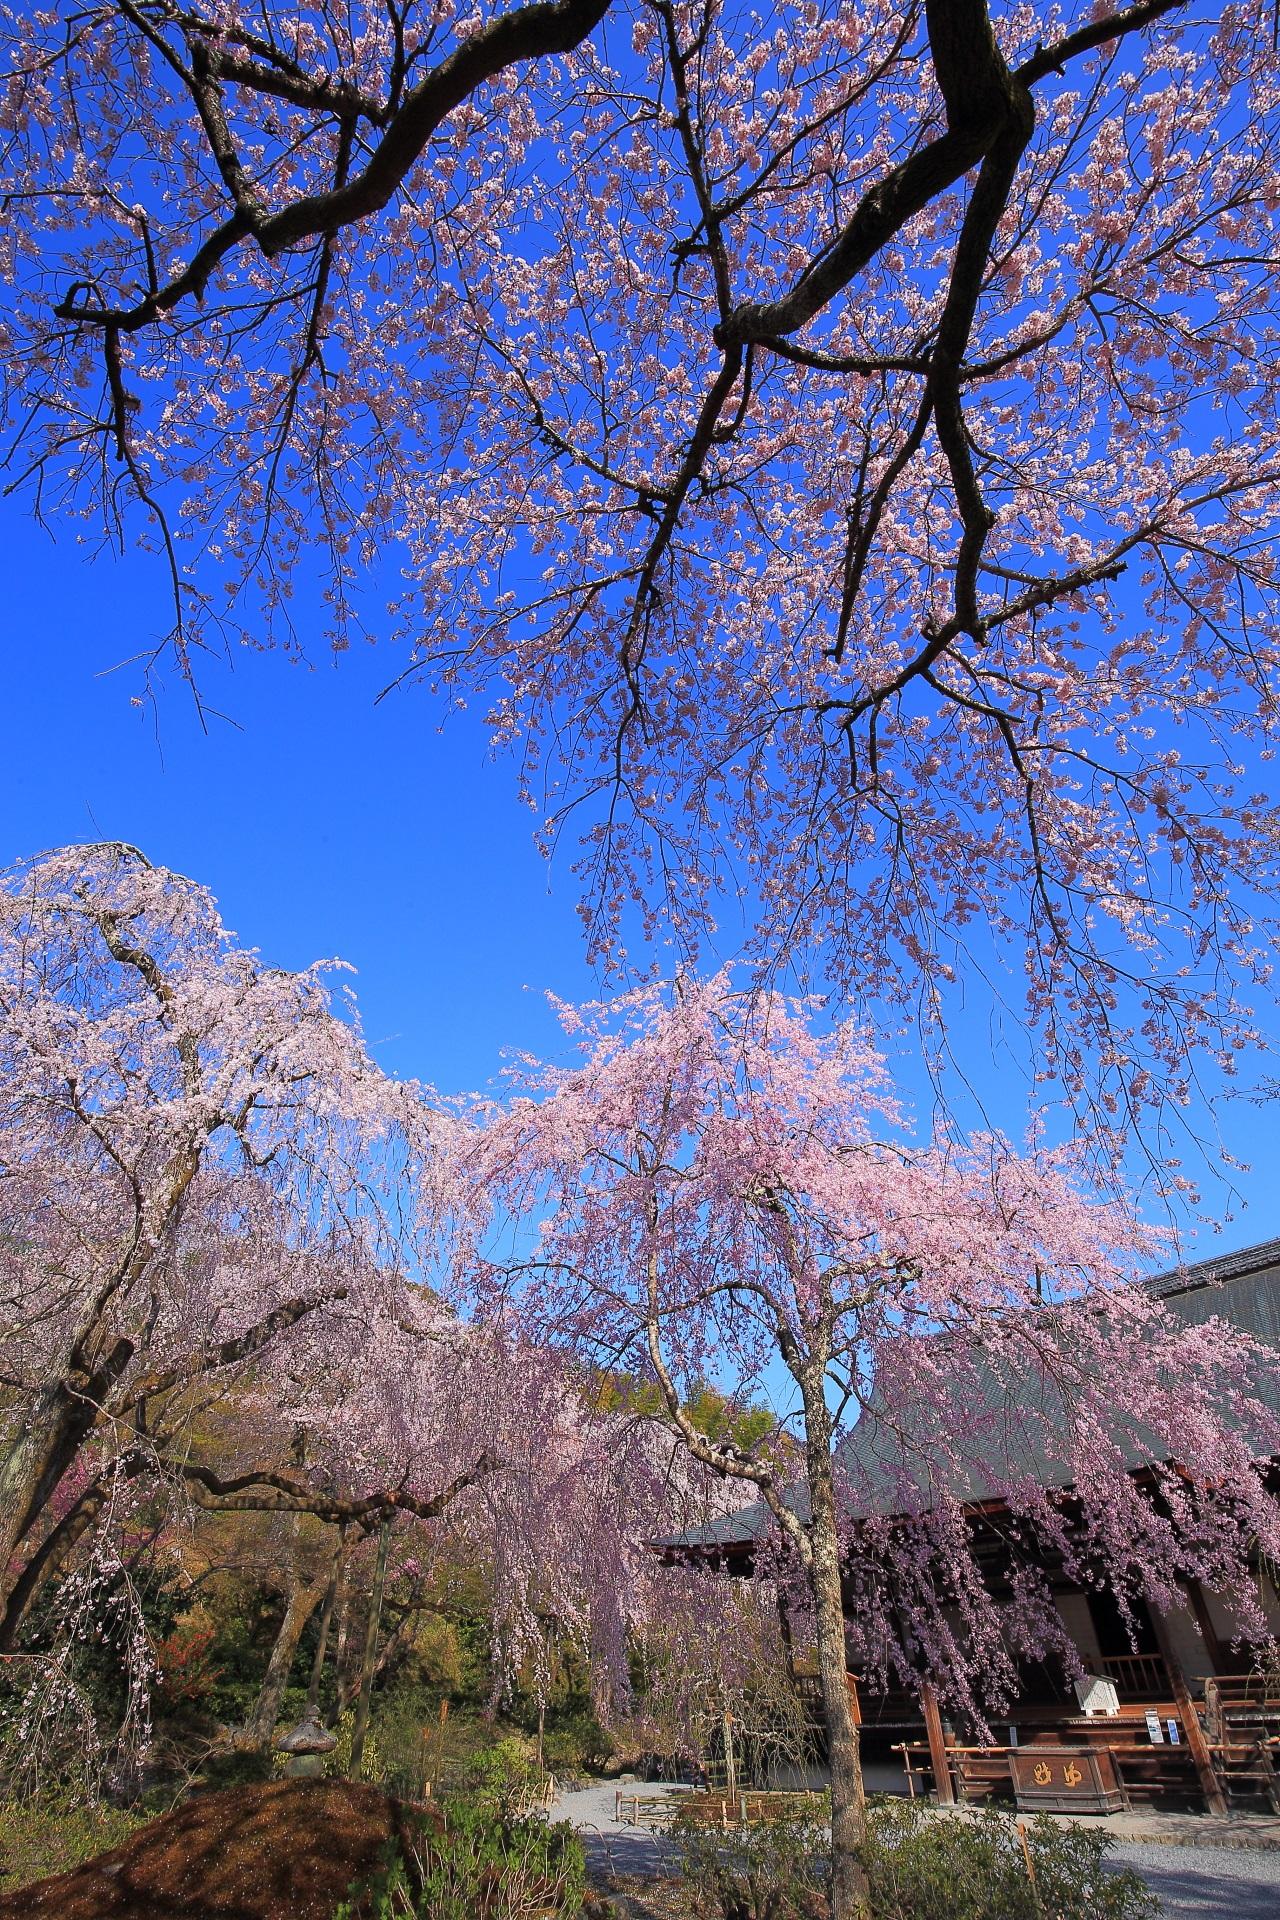 天龍寺の素晴らしい桜と春の情景